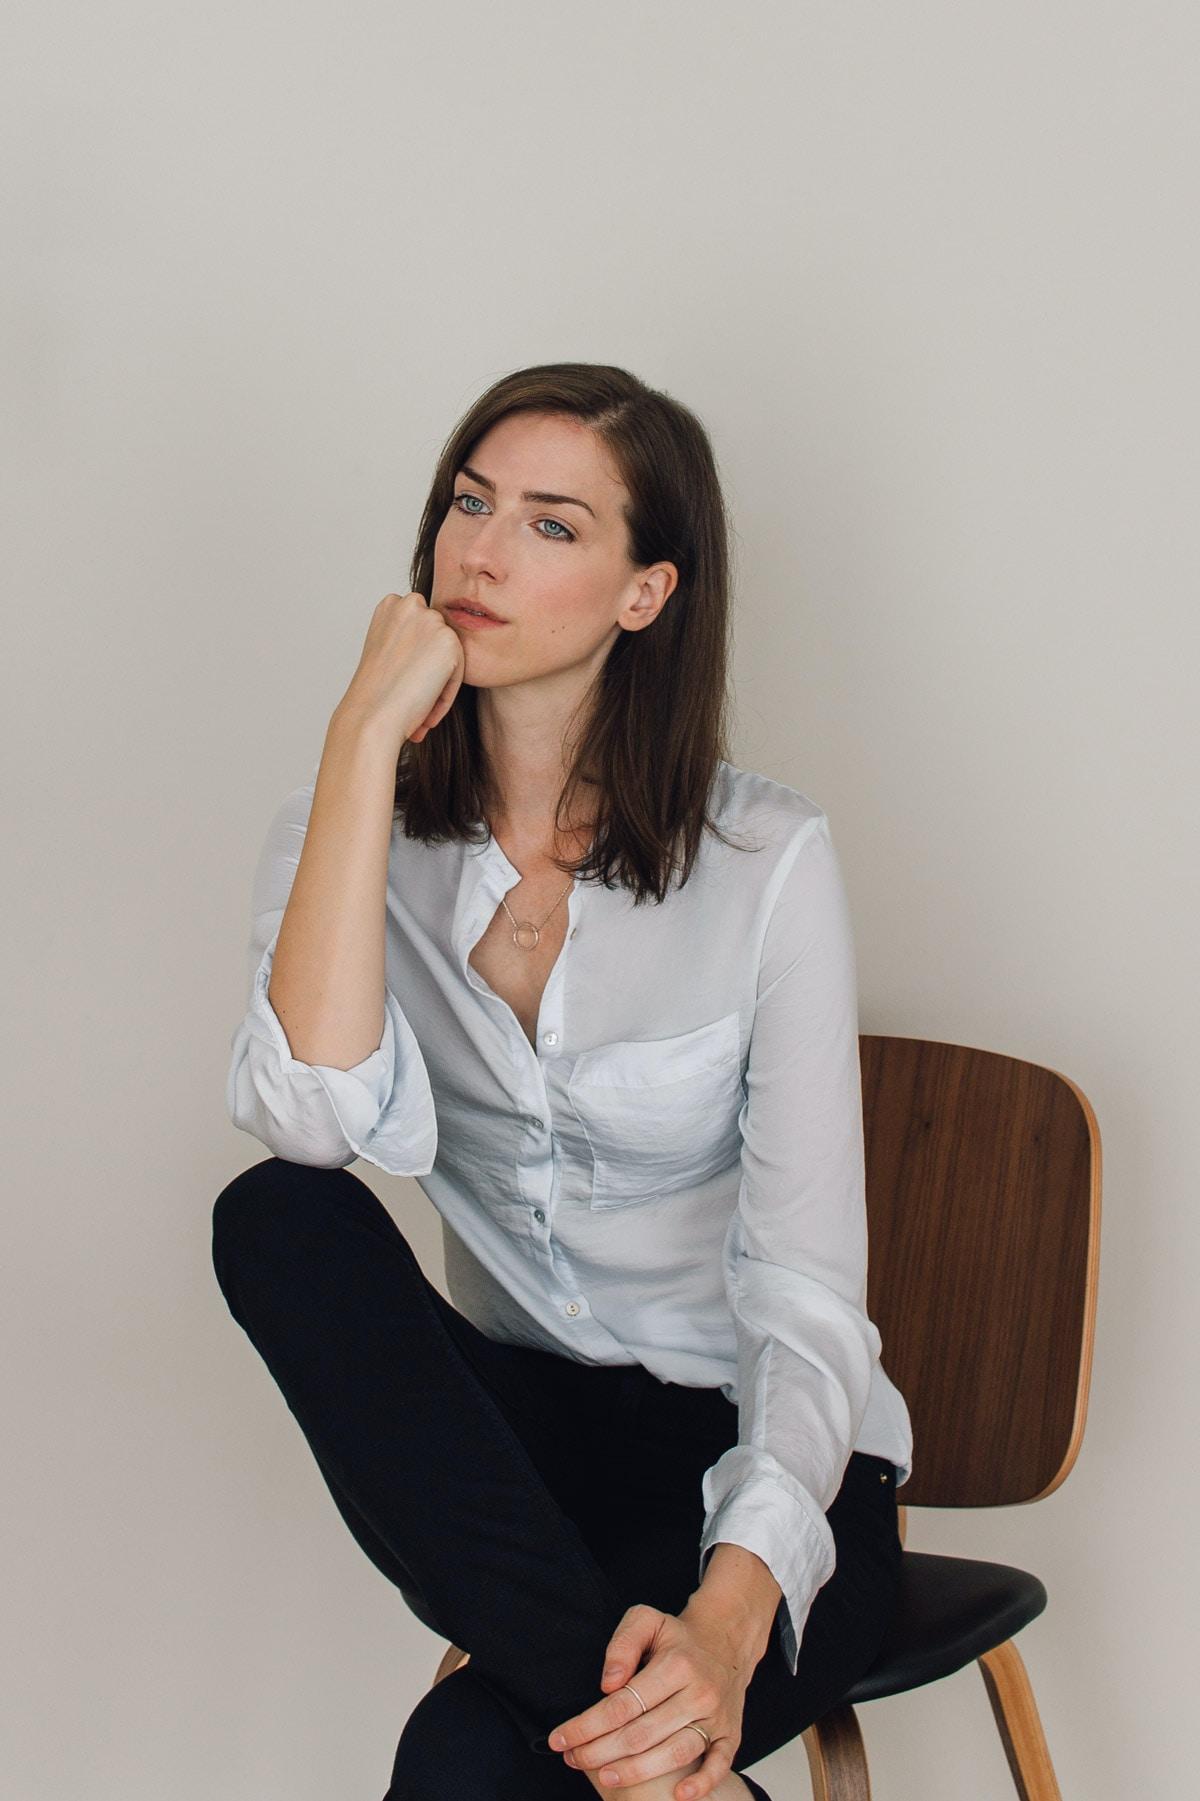 Go to Sarah Dorweiler's profile